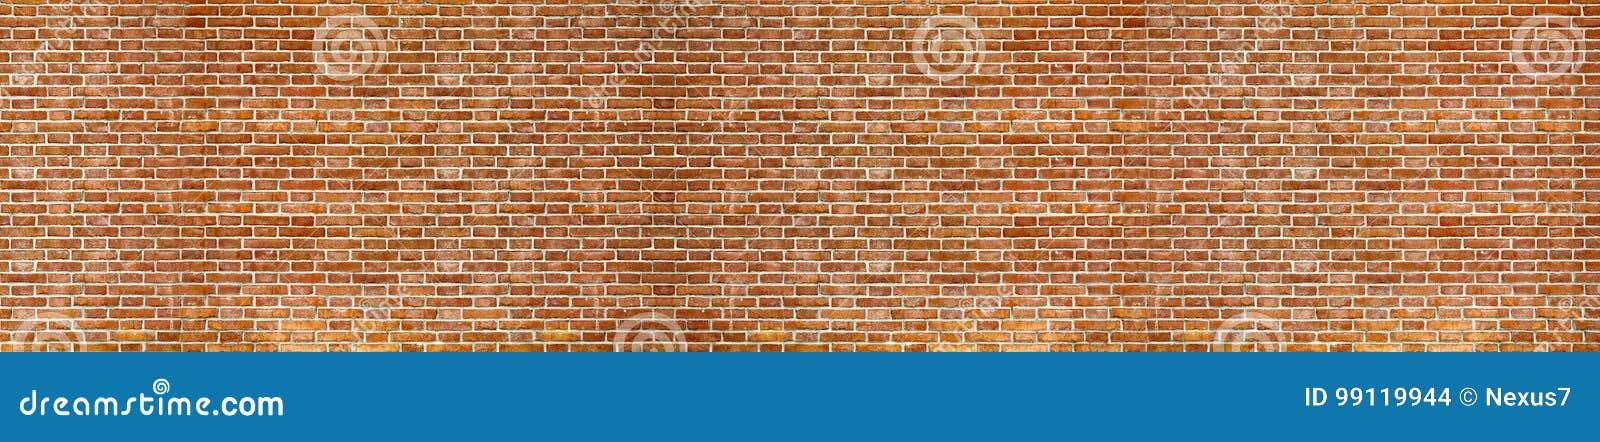 砖红色纹理墙壁